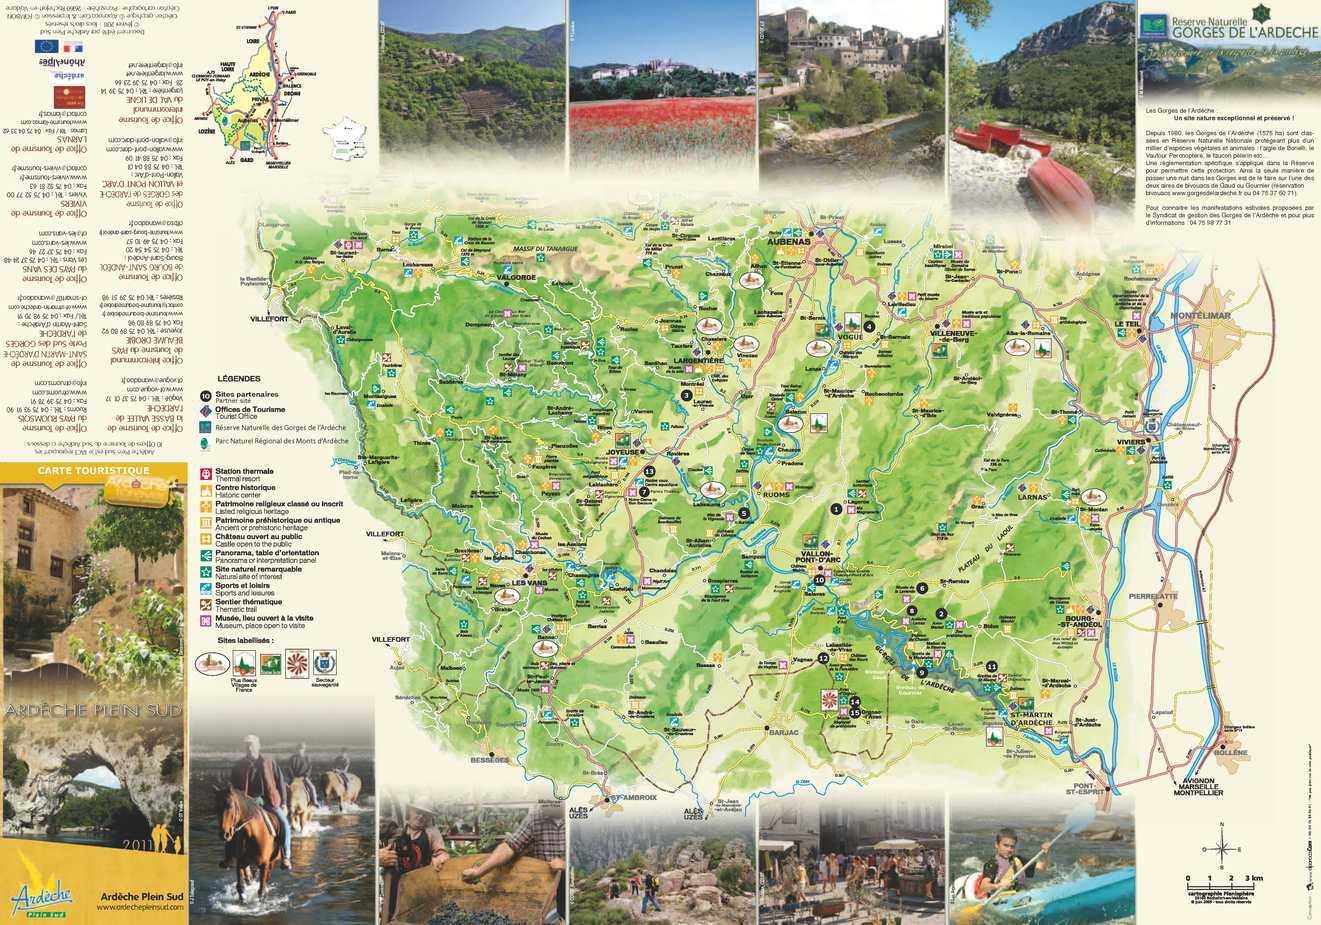 Calam o carte touristique ard che plein sud - Office du tourisme st martin d ardeche ...